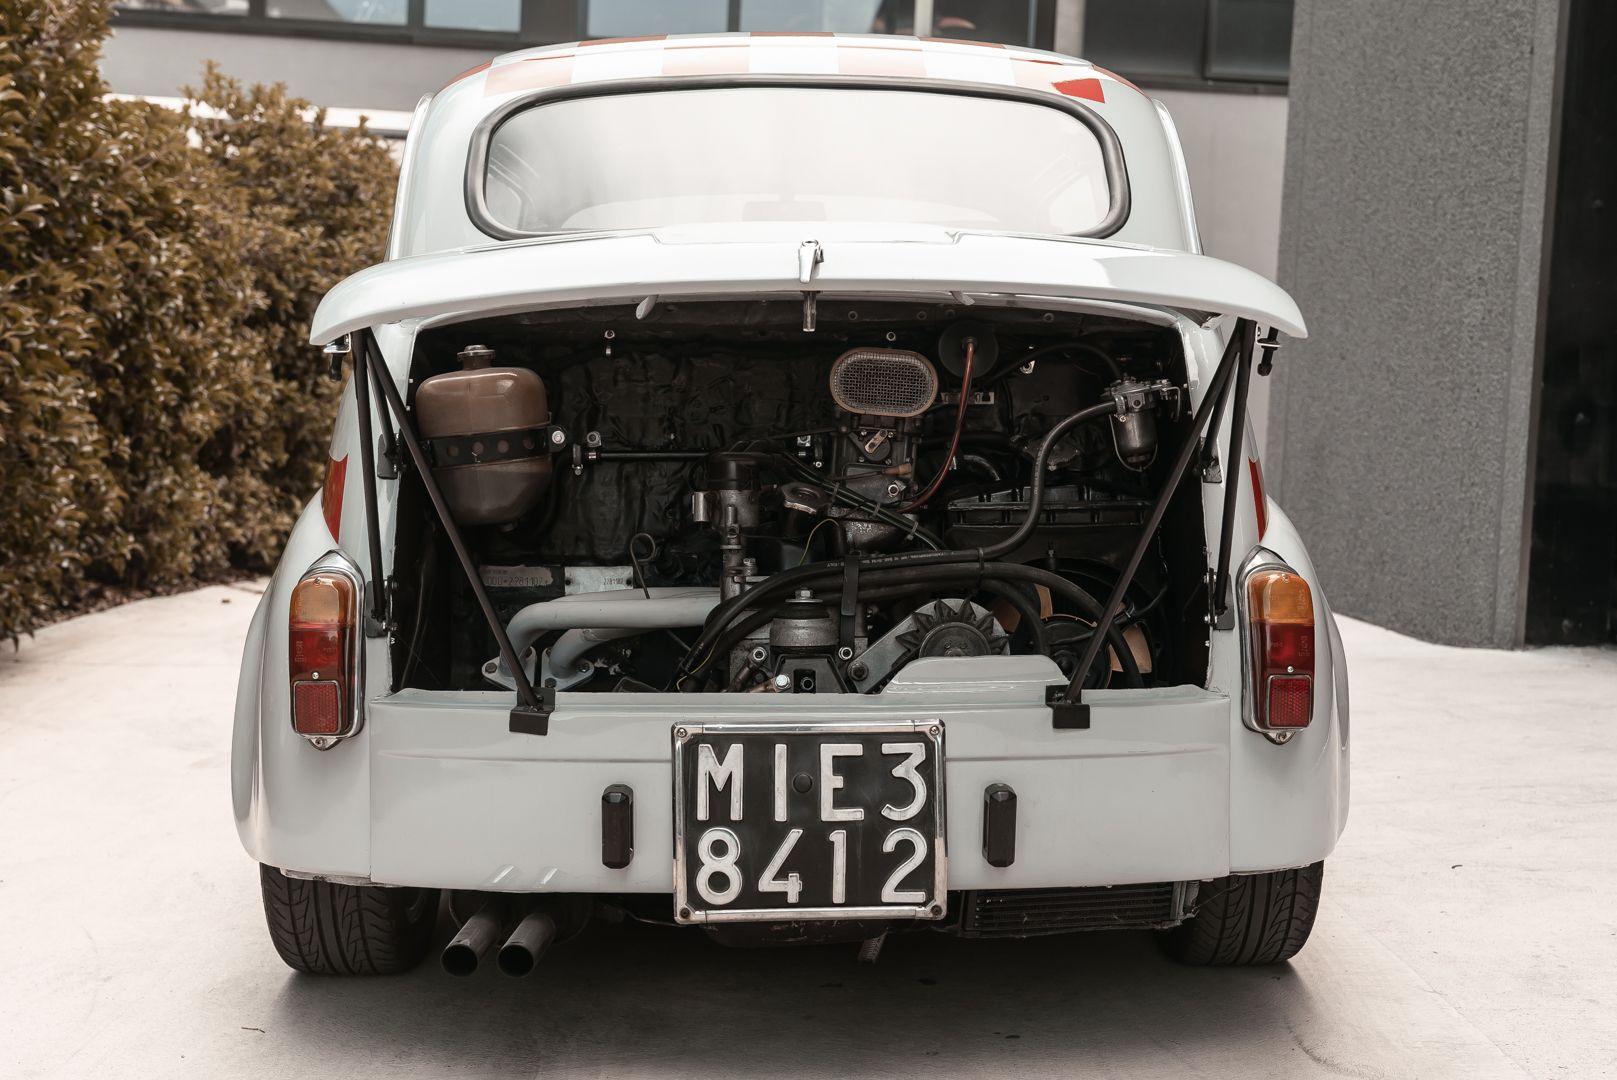 1967 Fiat 600 D Abarth Replica 80459